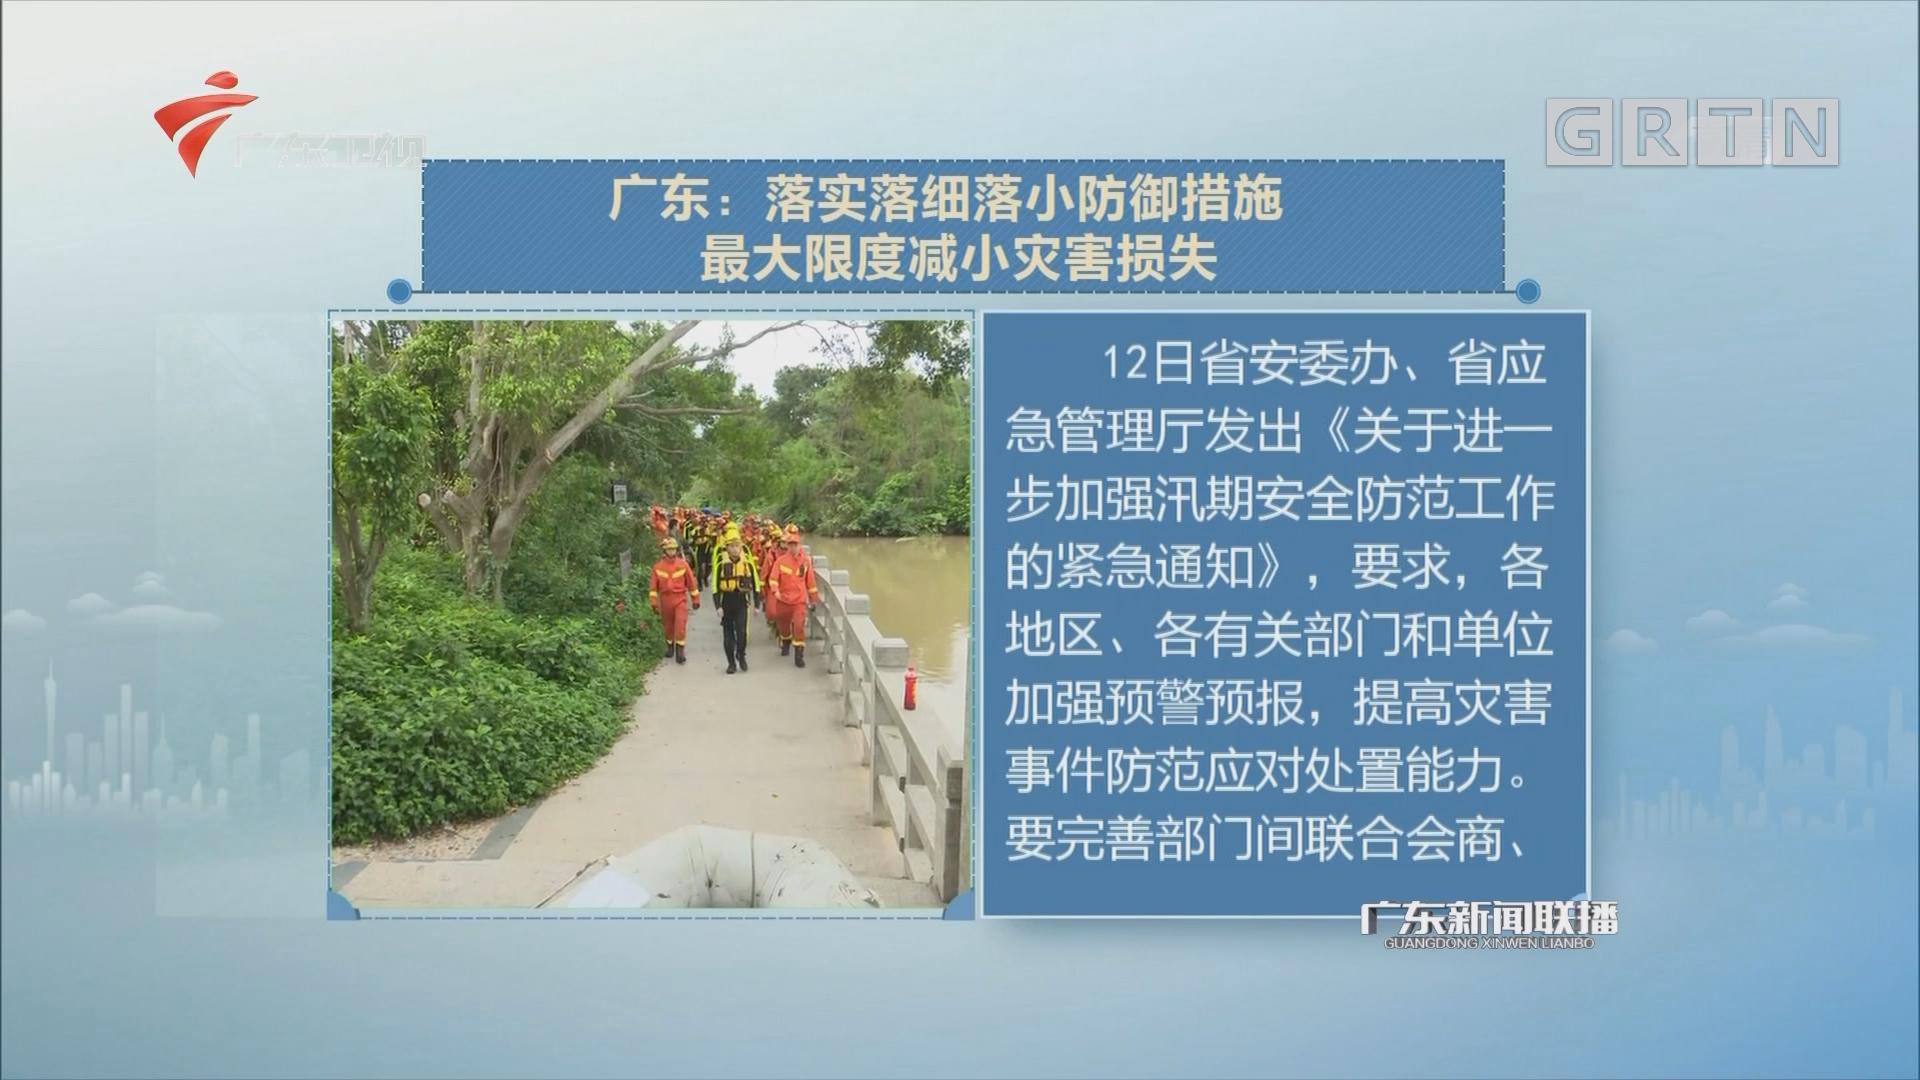 广东:落实落细落小防御措施 最大限度减少灾害损失